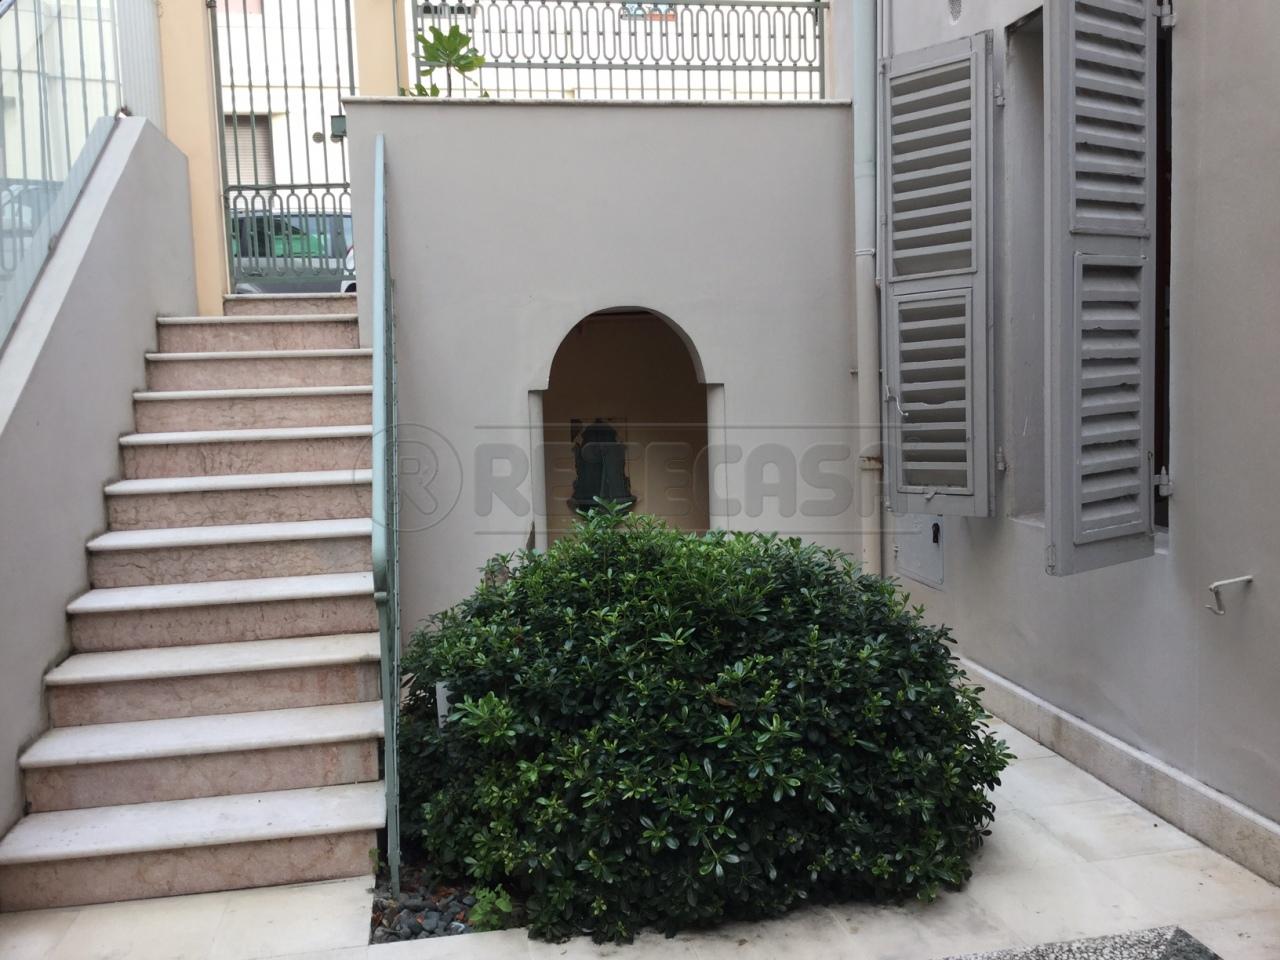 Ufficio / Studio in affitto a Ancona, 4 locali, prezzo € 900 | Cambio Casa.it